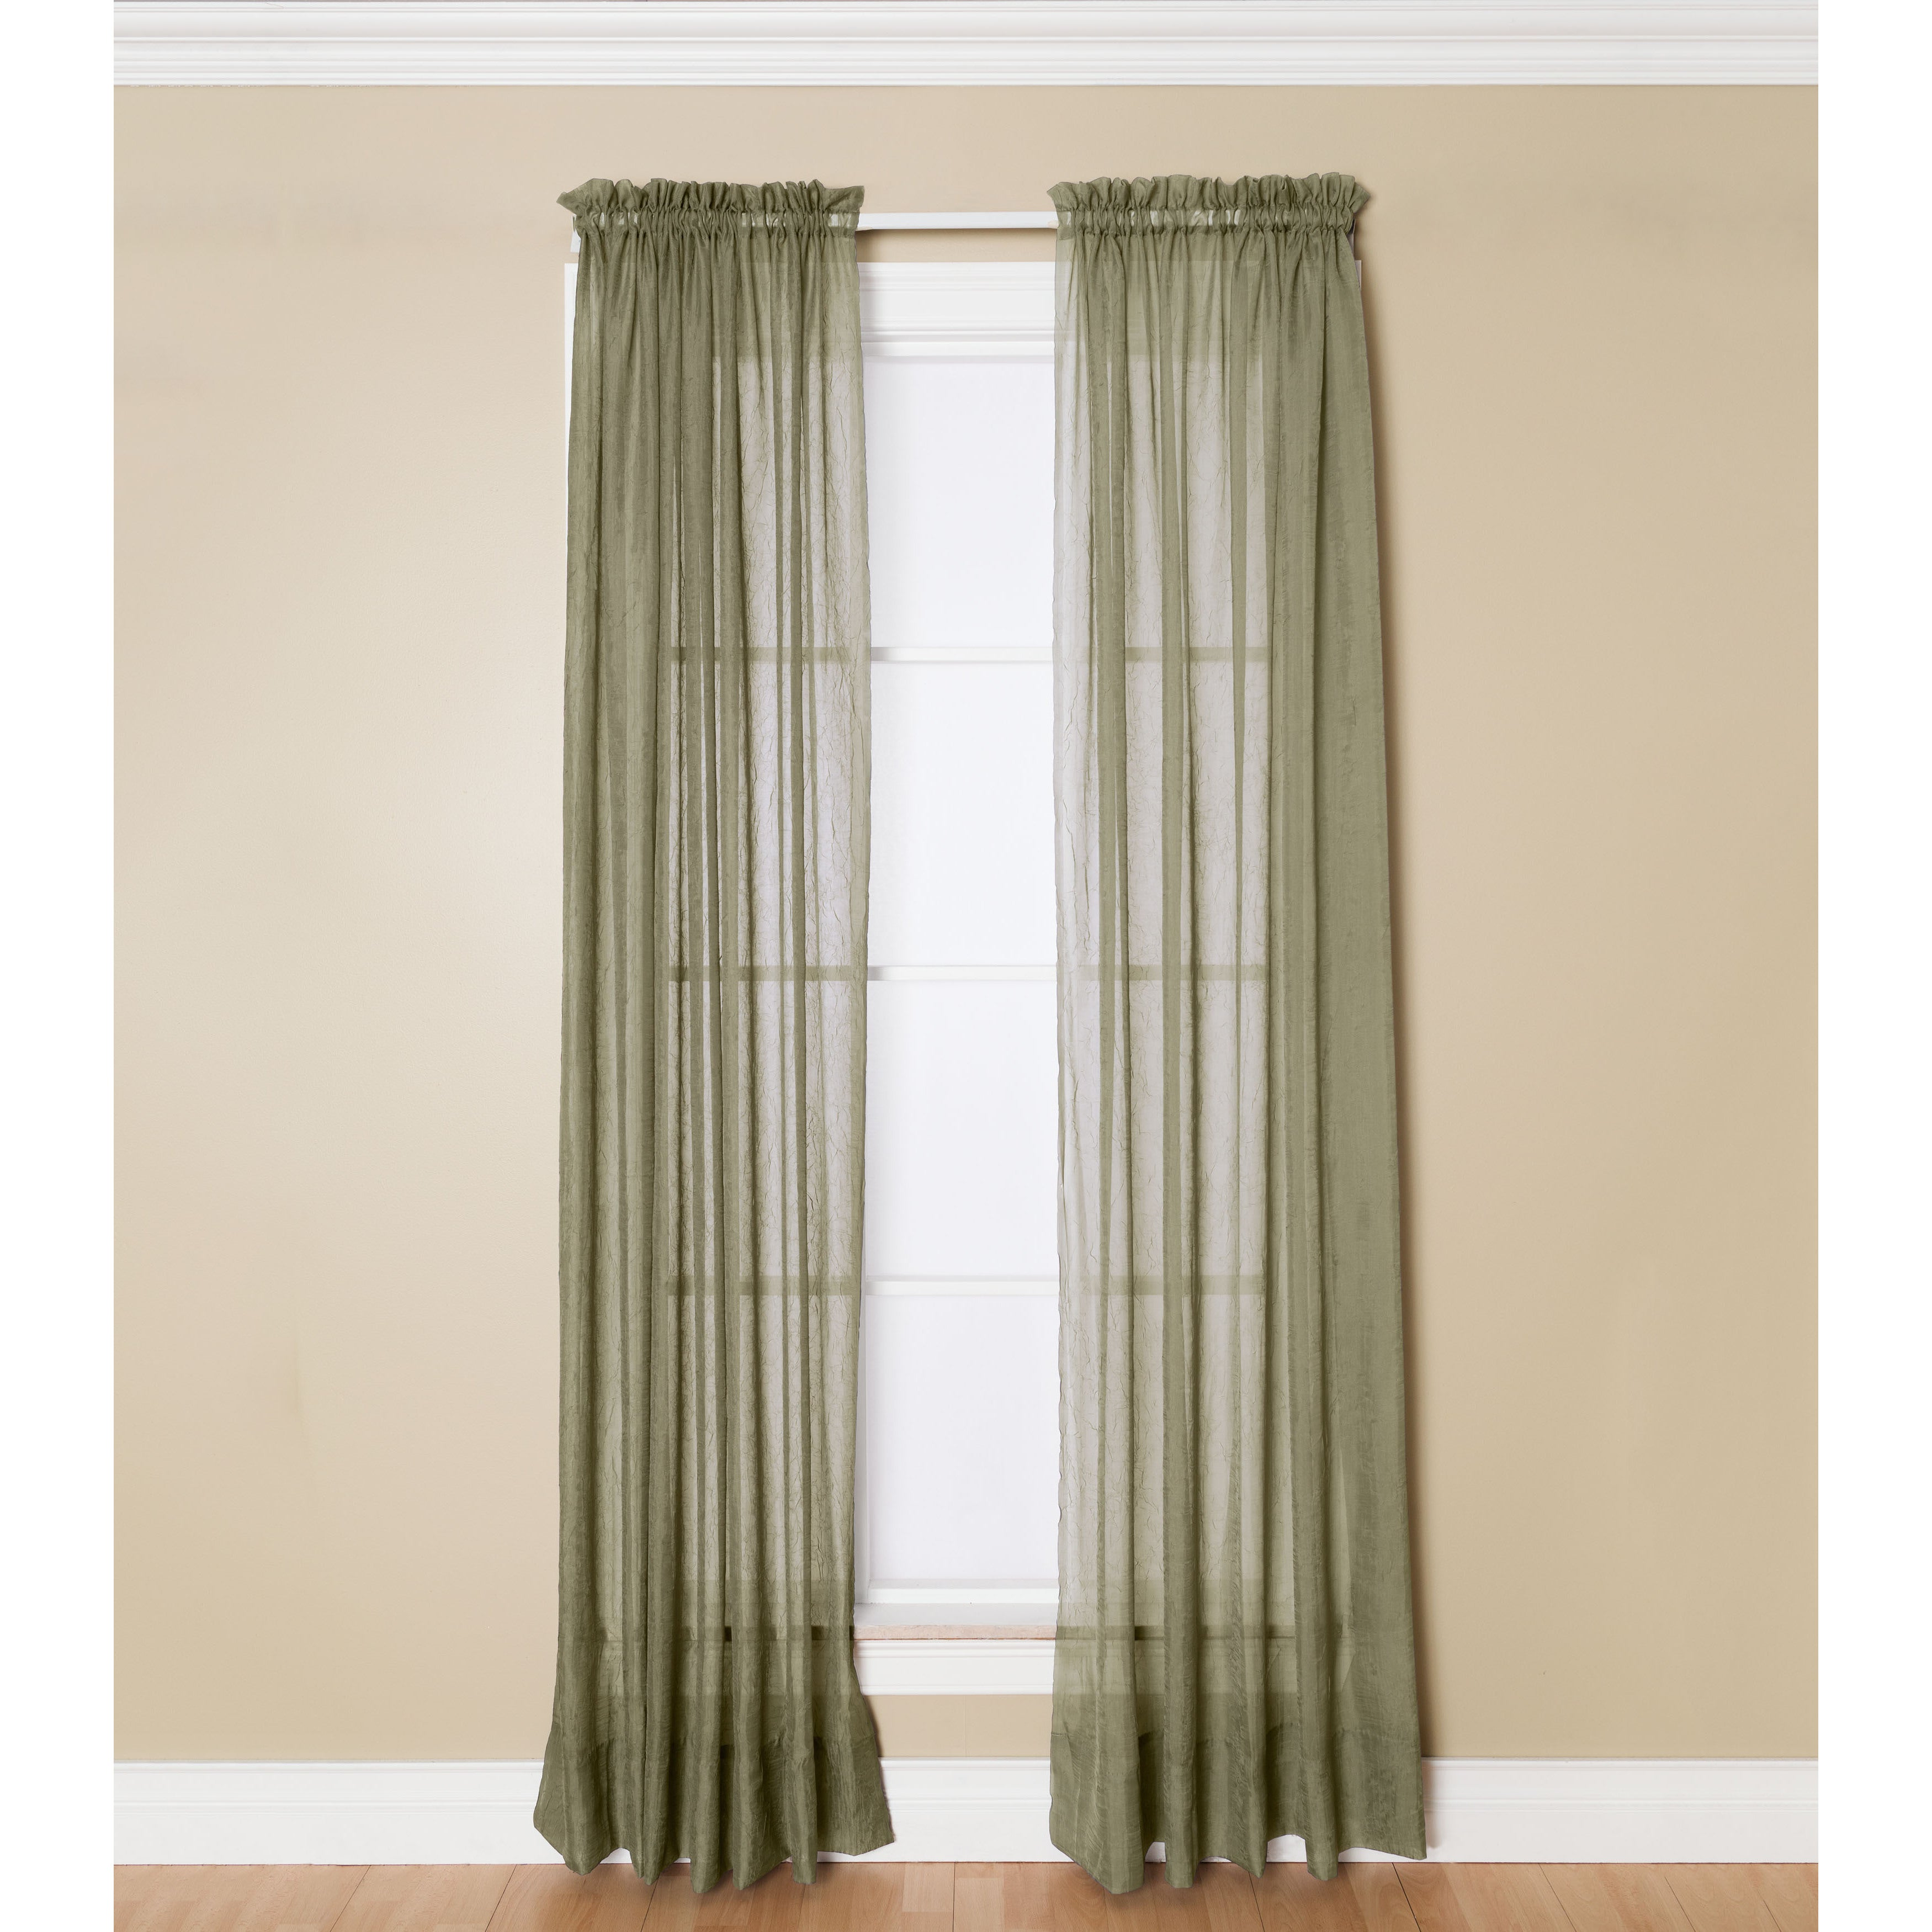 Miller Curtains Preston Sheer 108 Inch Rod Pocket